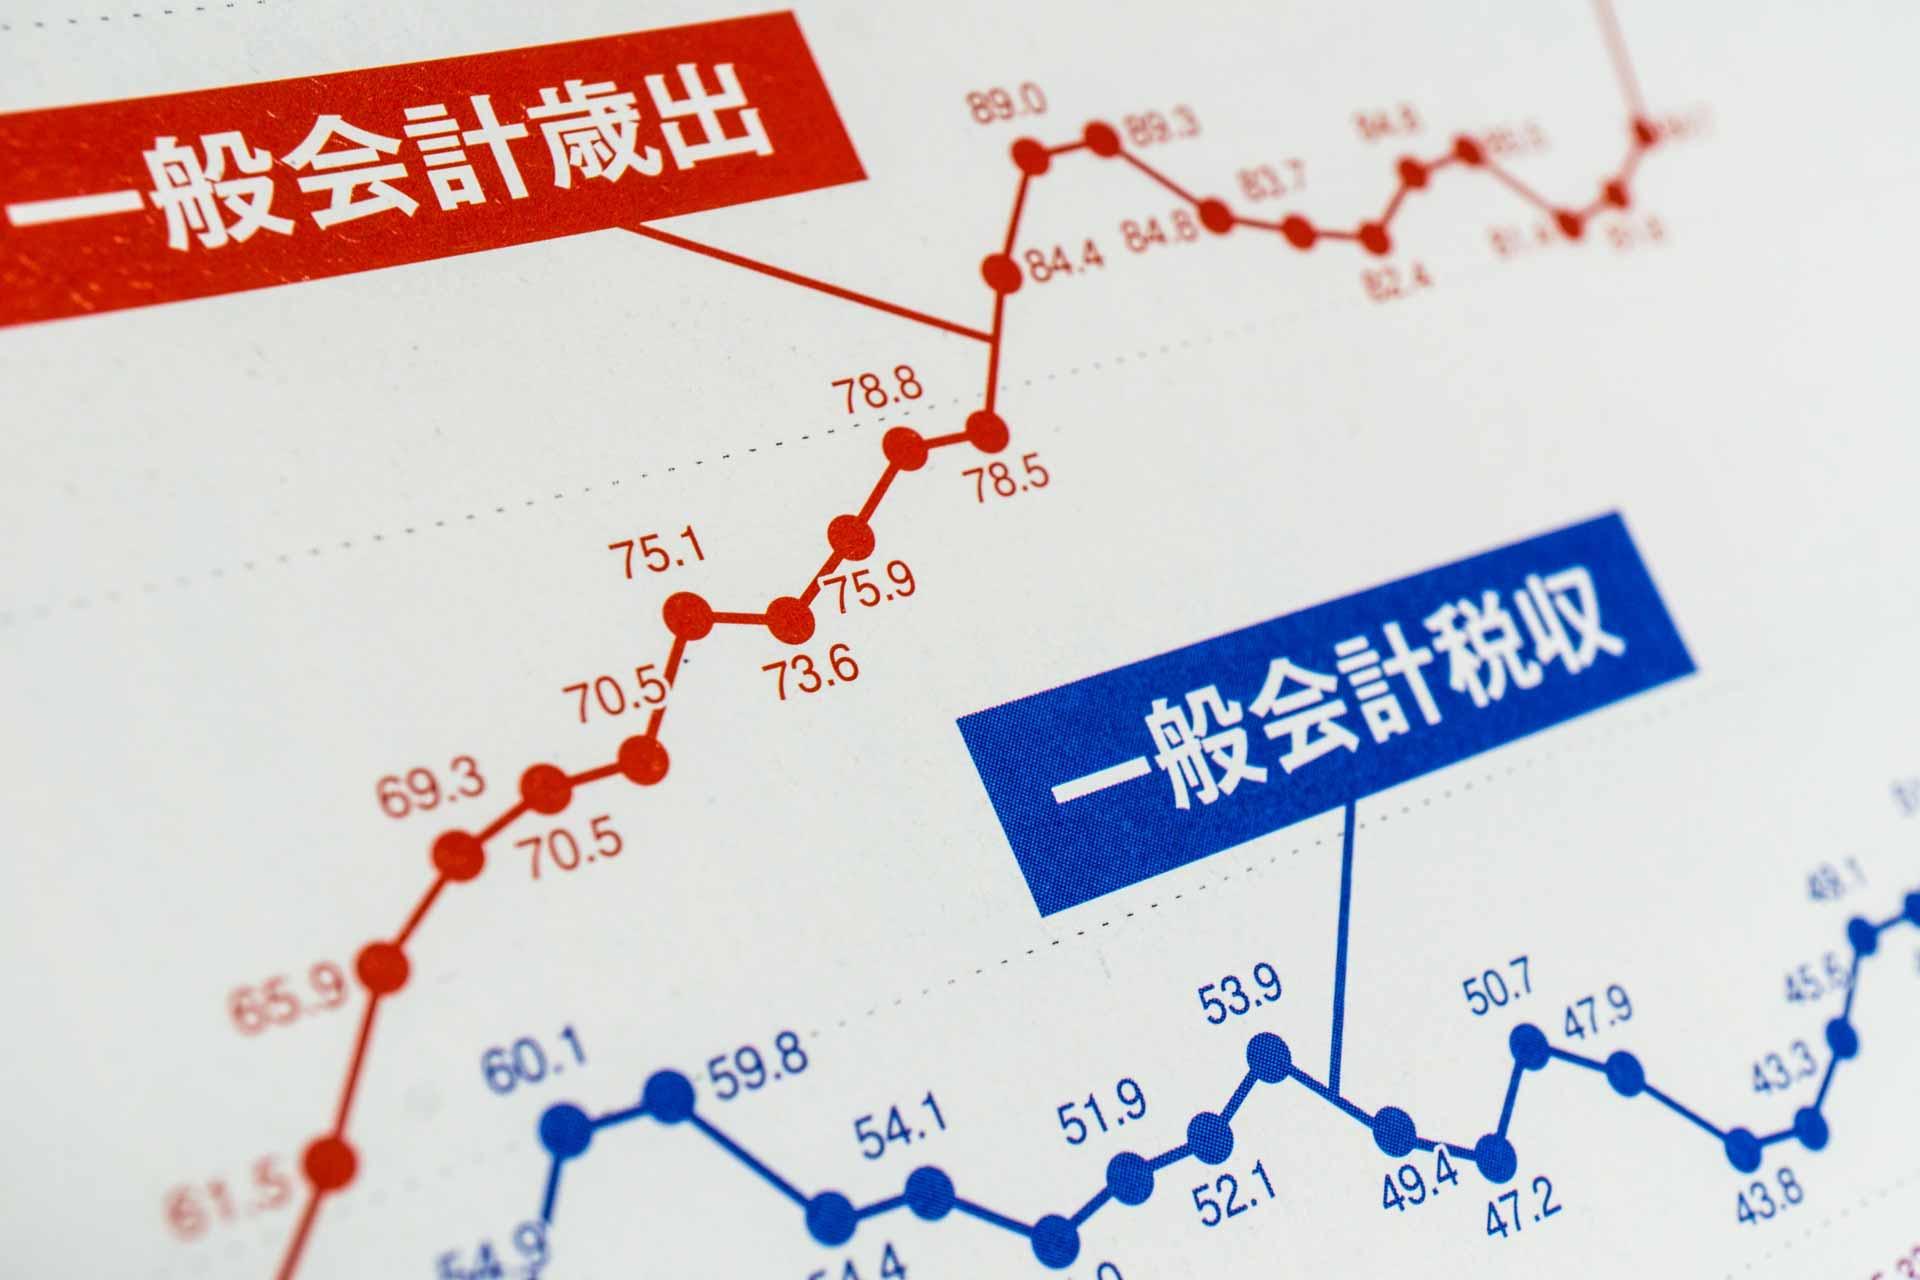 一般会計に関するグラフ